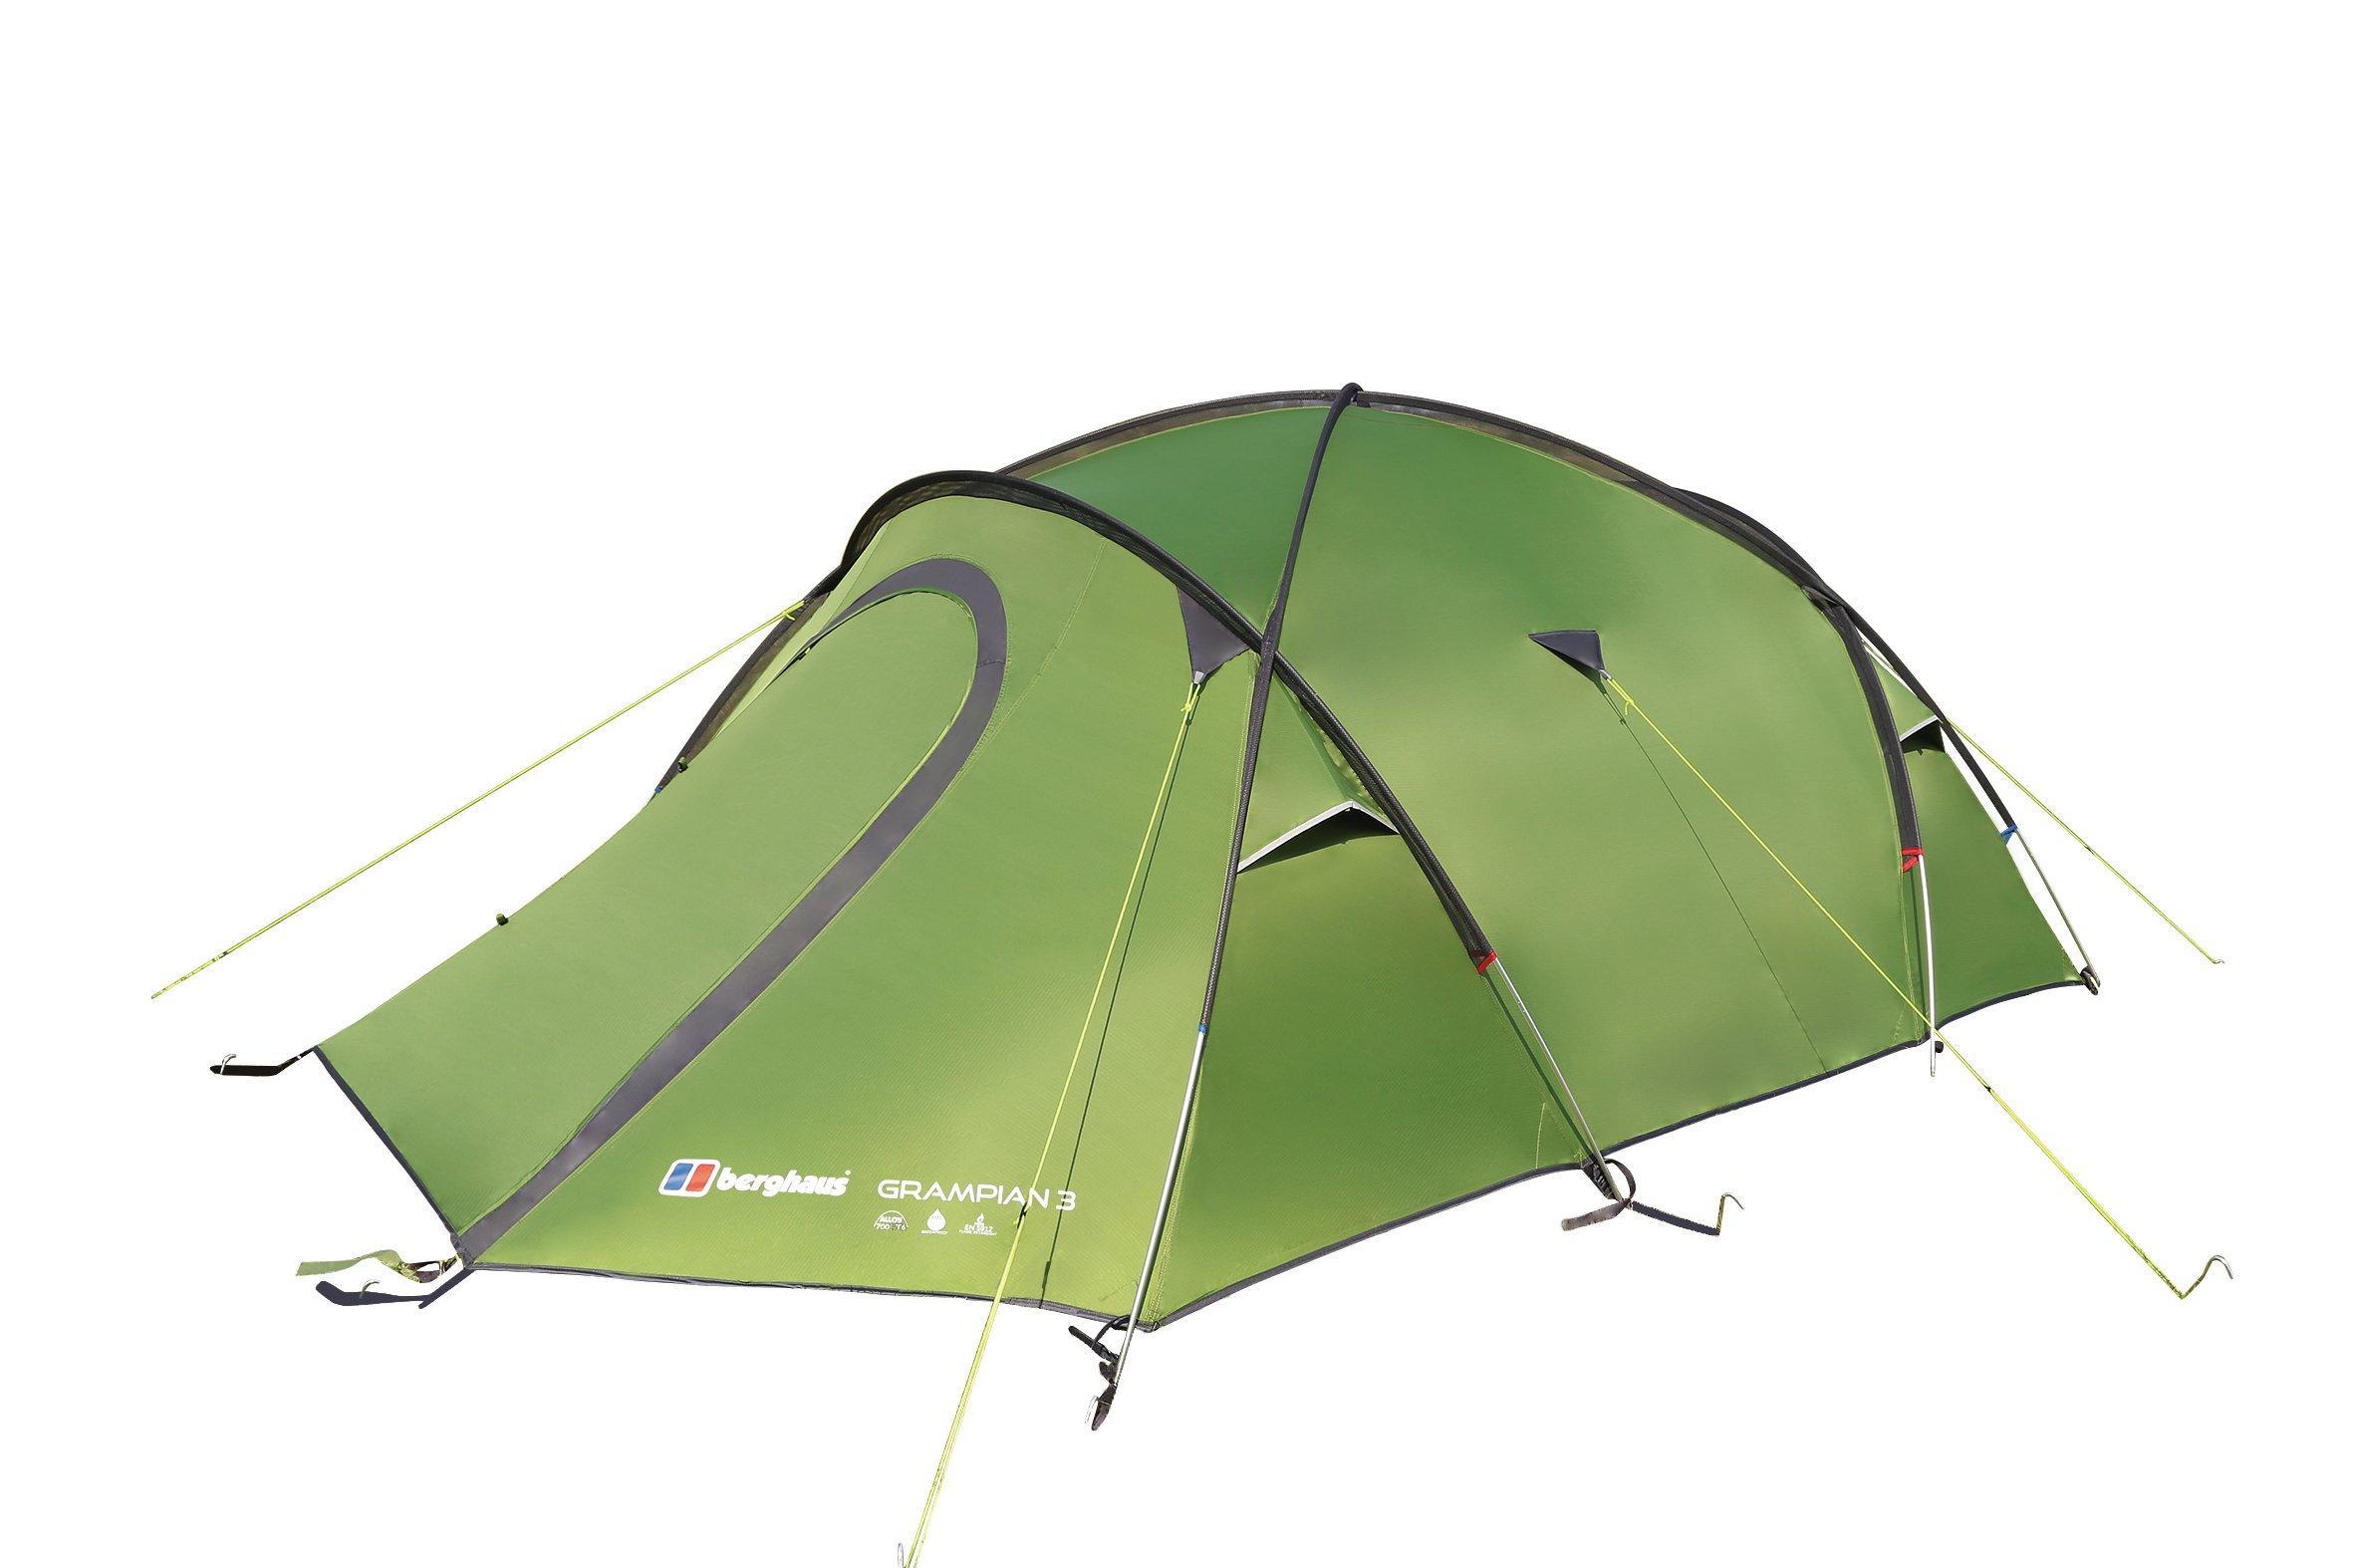 Berghaus Gr&ian 3- Man Tent  sc 1 st  Millet Sports & Berghaus Grampian 3- Man Tent | Millet Sports